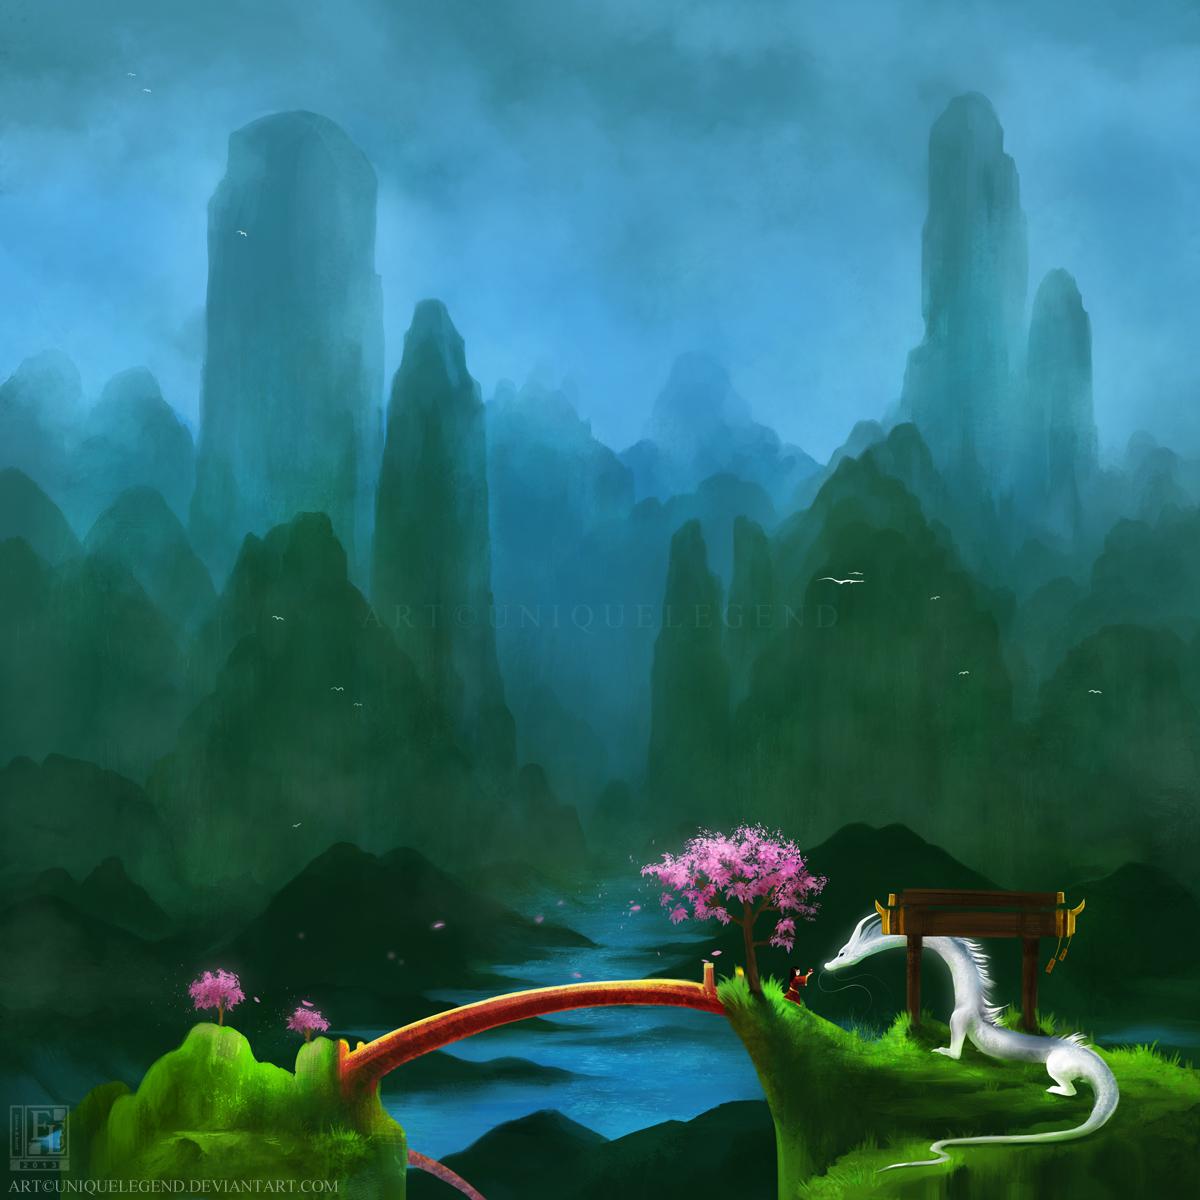 Dragon Spires by EternaLegend